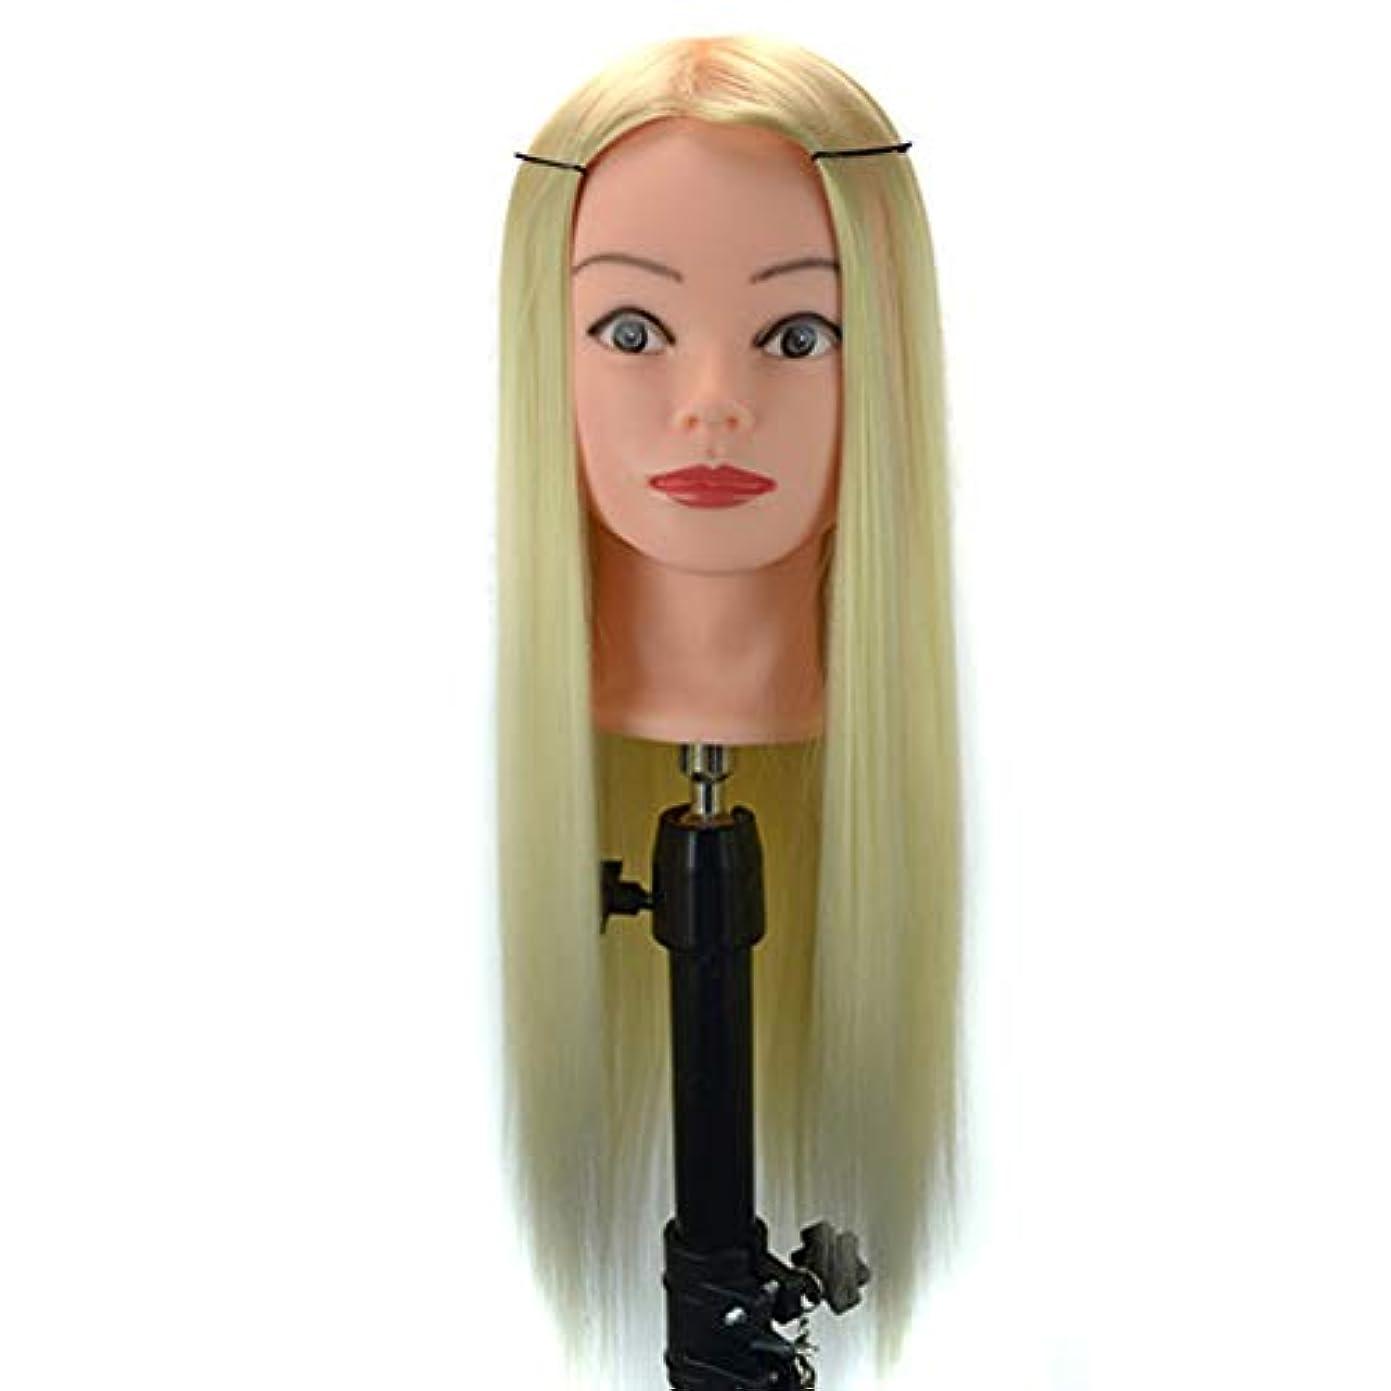 郵便発行する生産性高温ワイヤートレーニングヘッド理髪マネキン人形ヘッドメイクプレートヘアー練習帽子ジュエリーディスプレイヘッド金型,offwhite